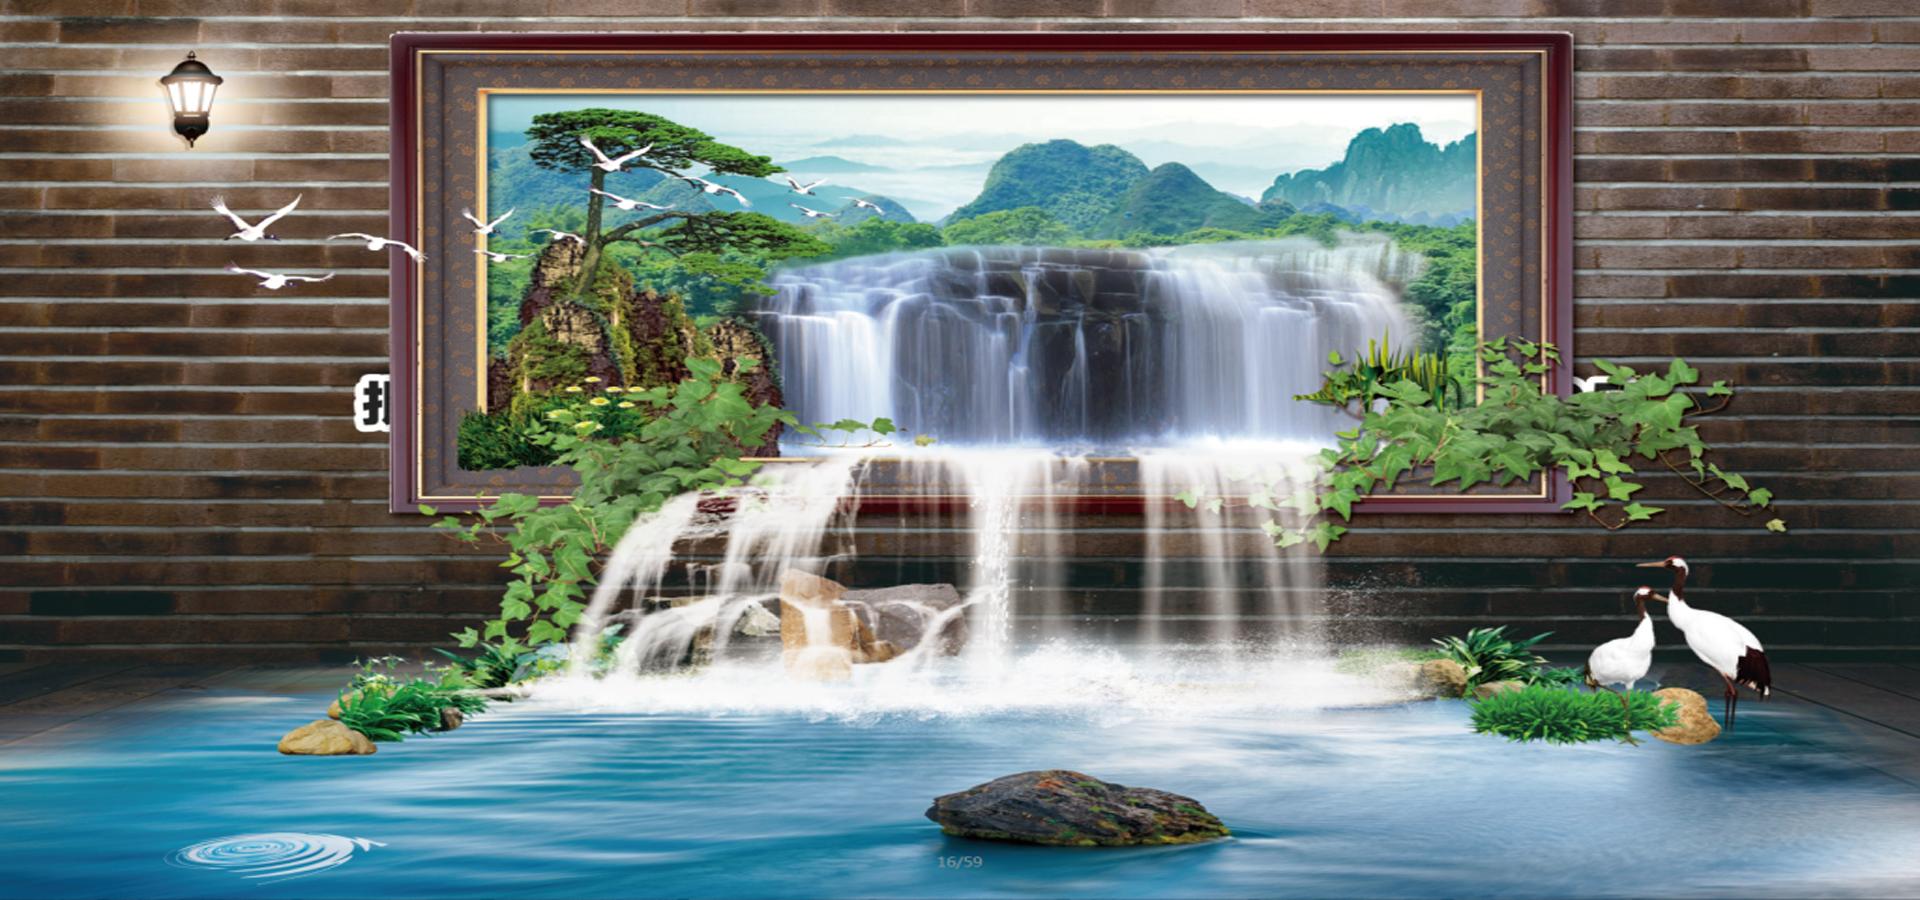 fonte cachoeira paisagem background parede paisagem pine